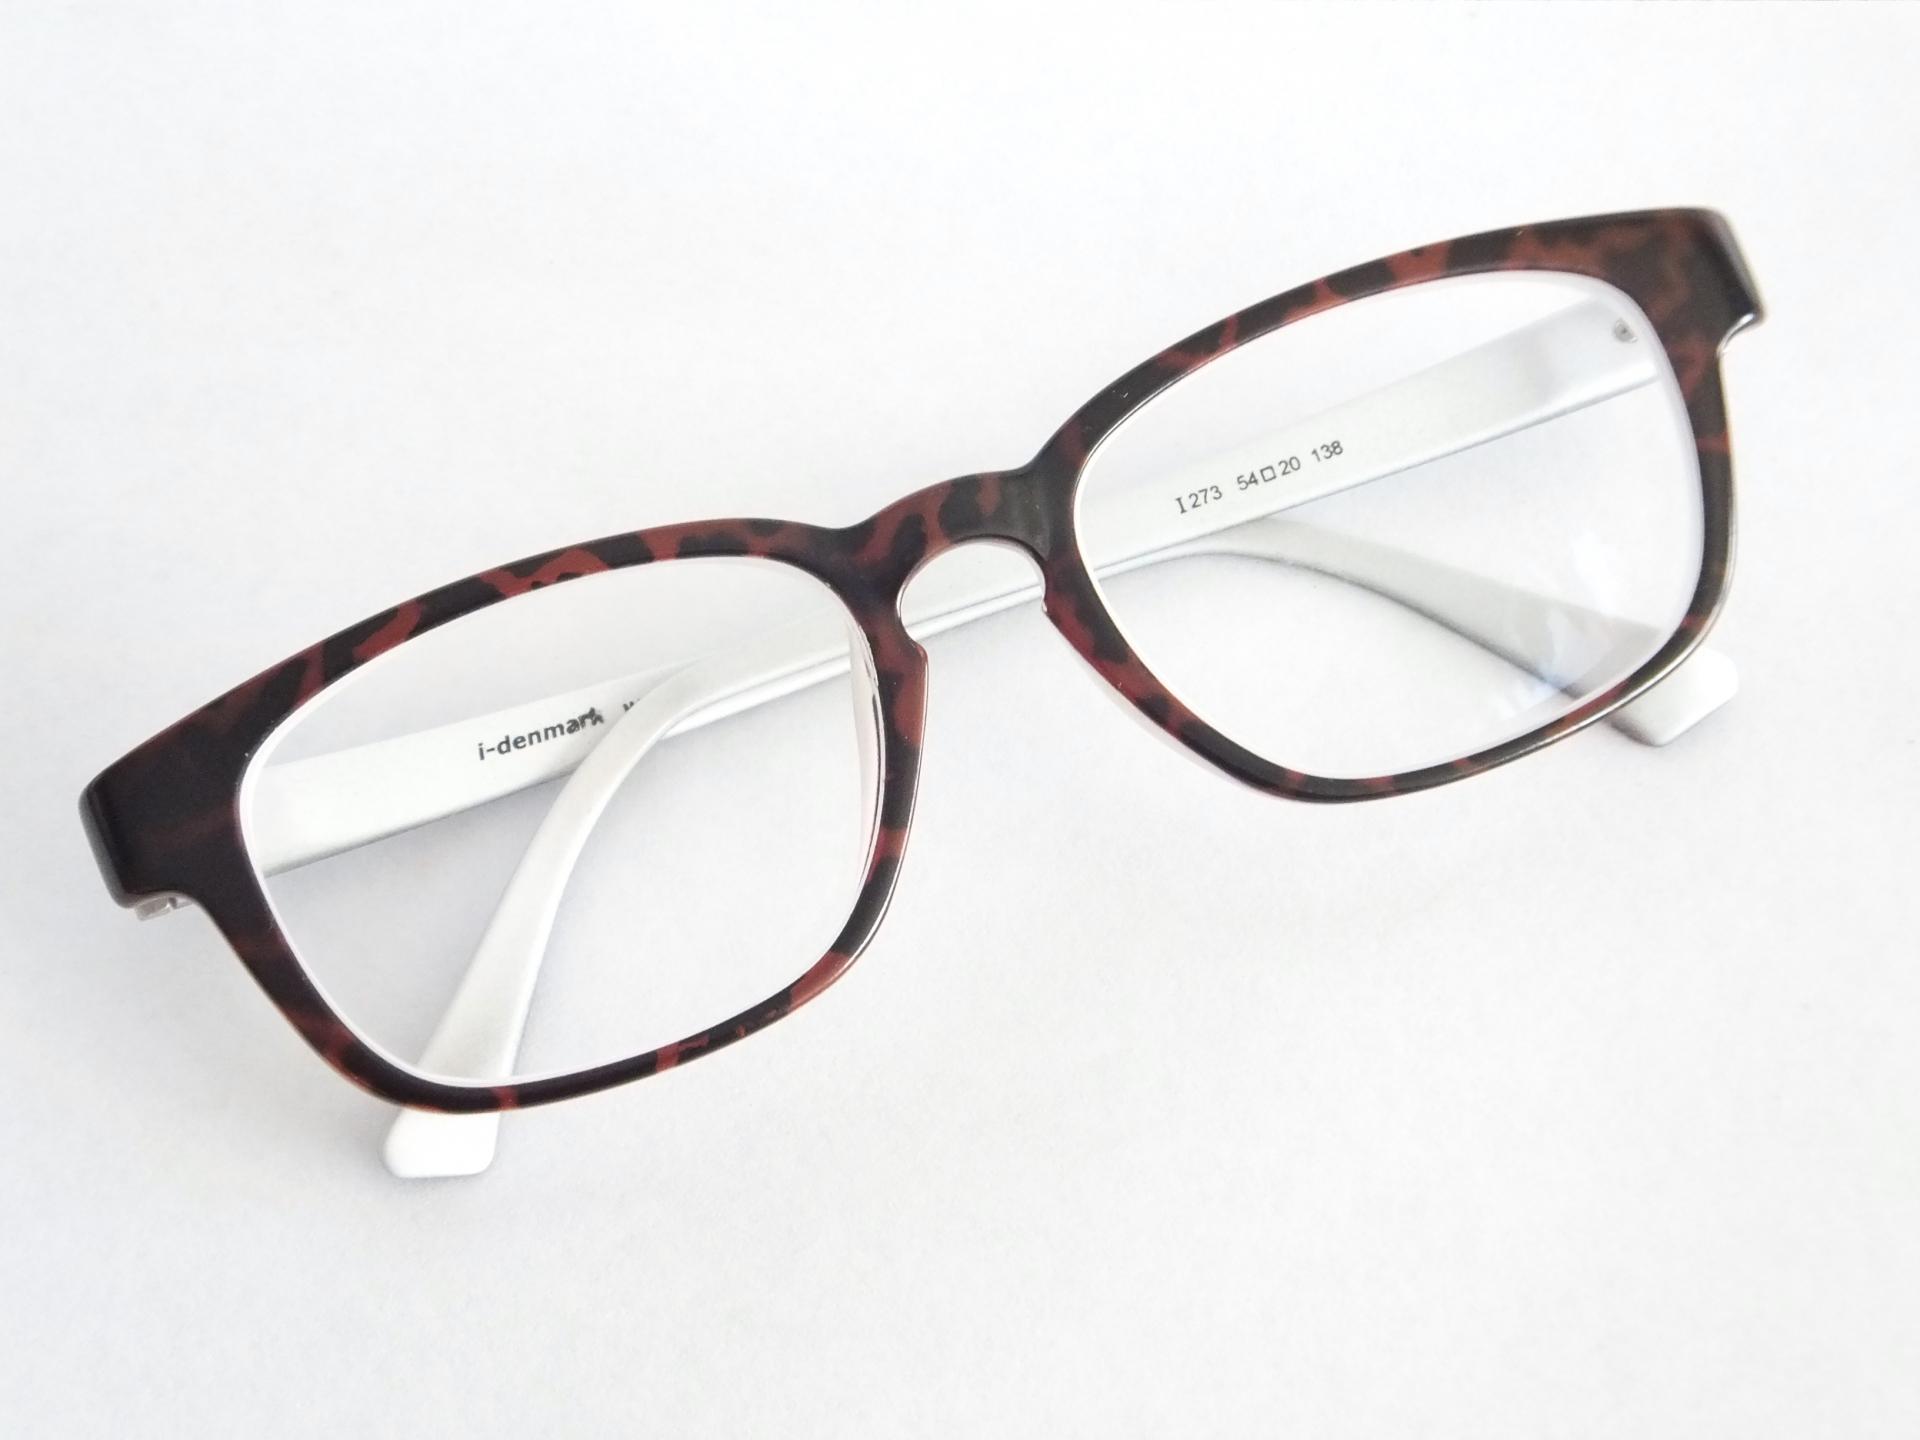 度数の合わない眼鏡は眼精疲労の原因